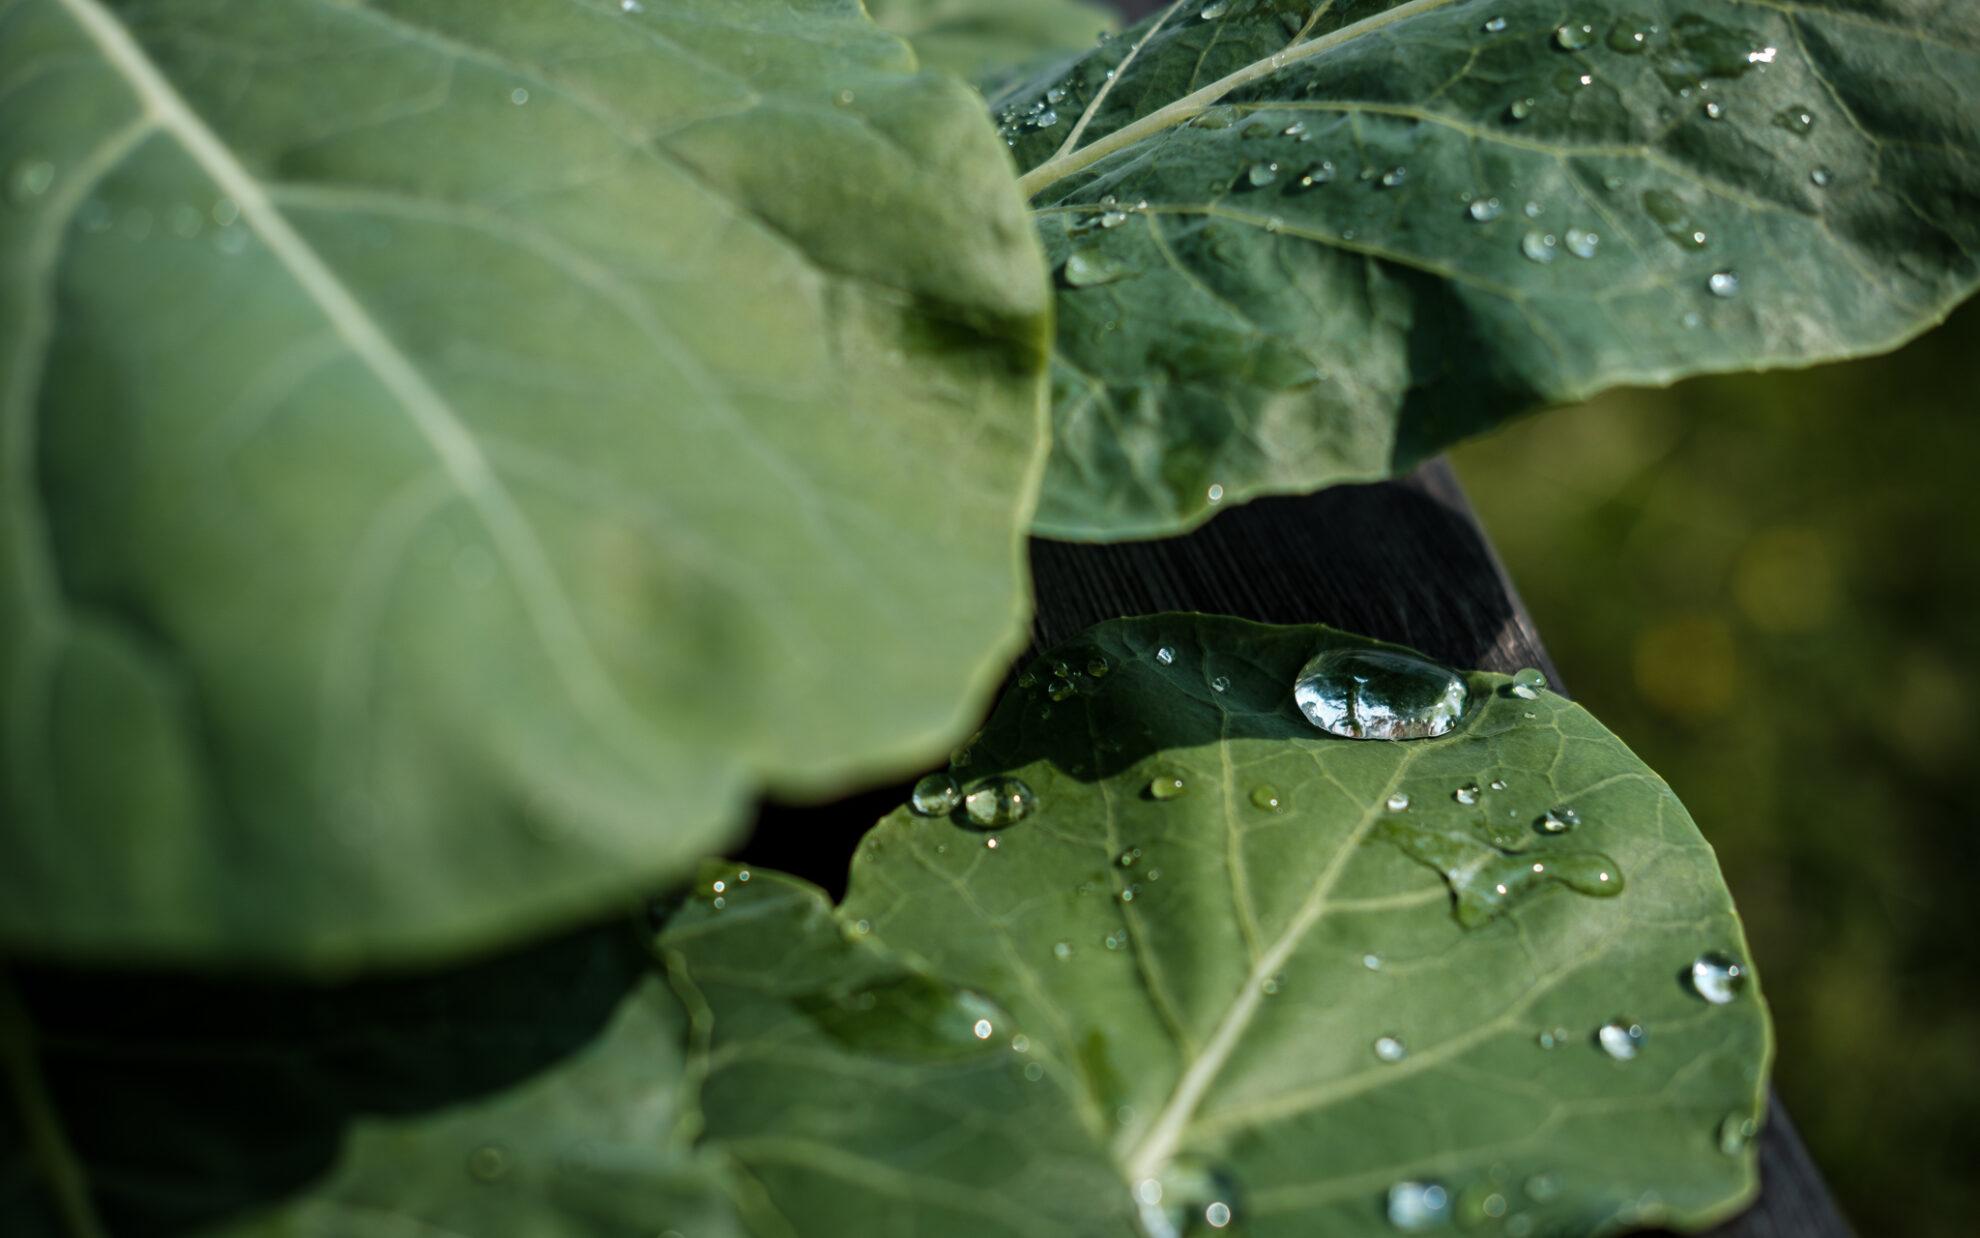 Wassertropfen liegen auf den großen grünen Blättern einer Kohlrabi-Pflanze und glänzen im Sonnenlicht.